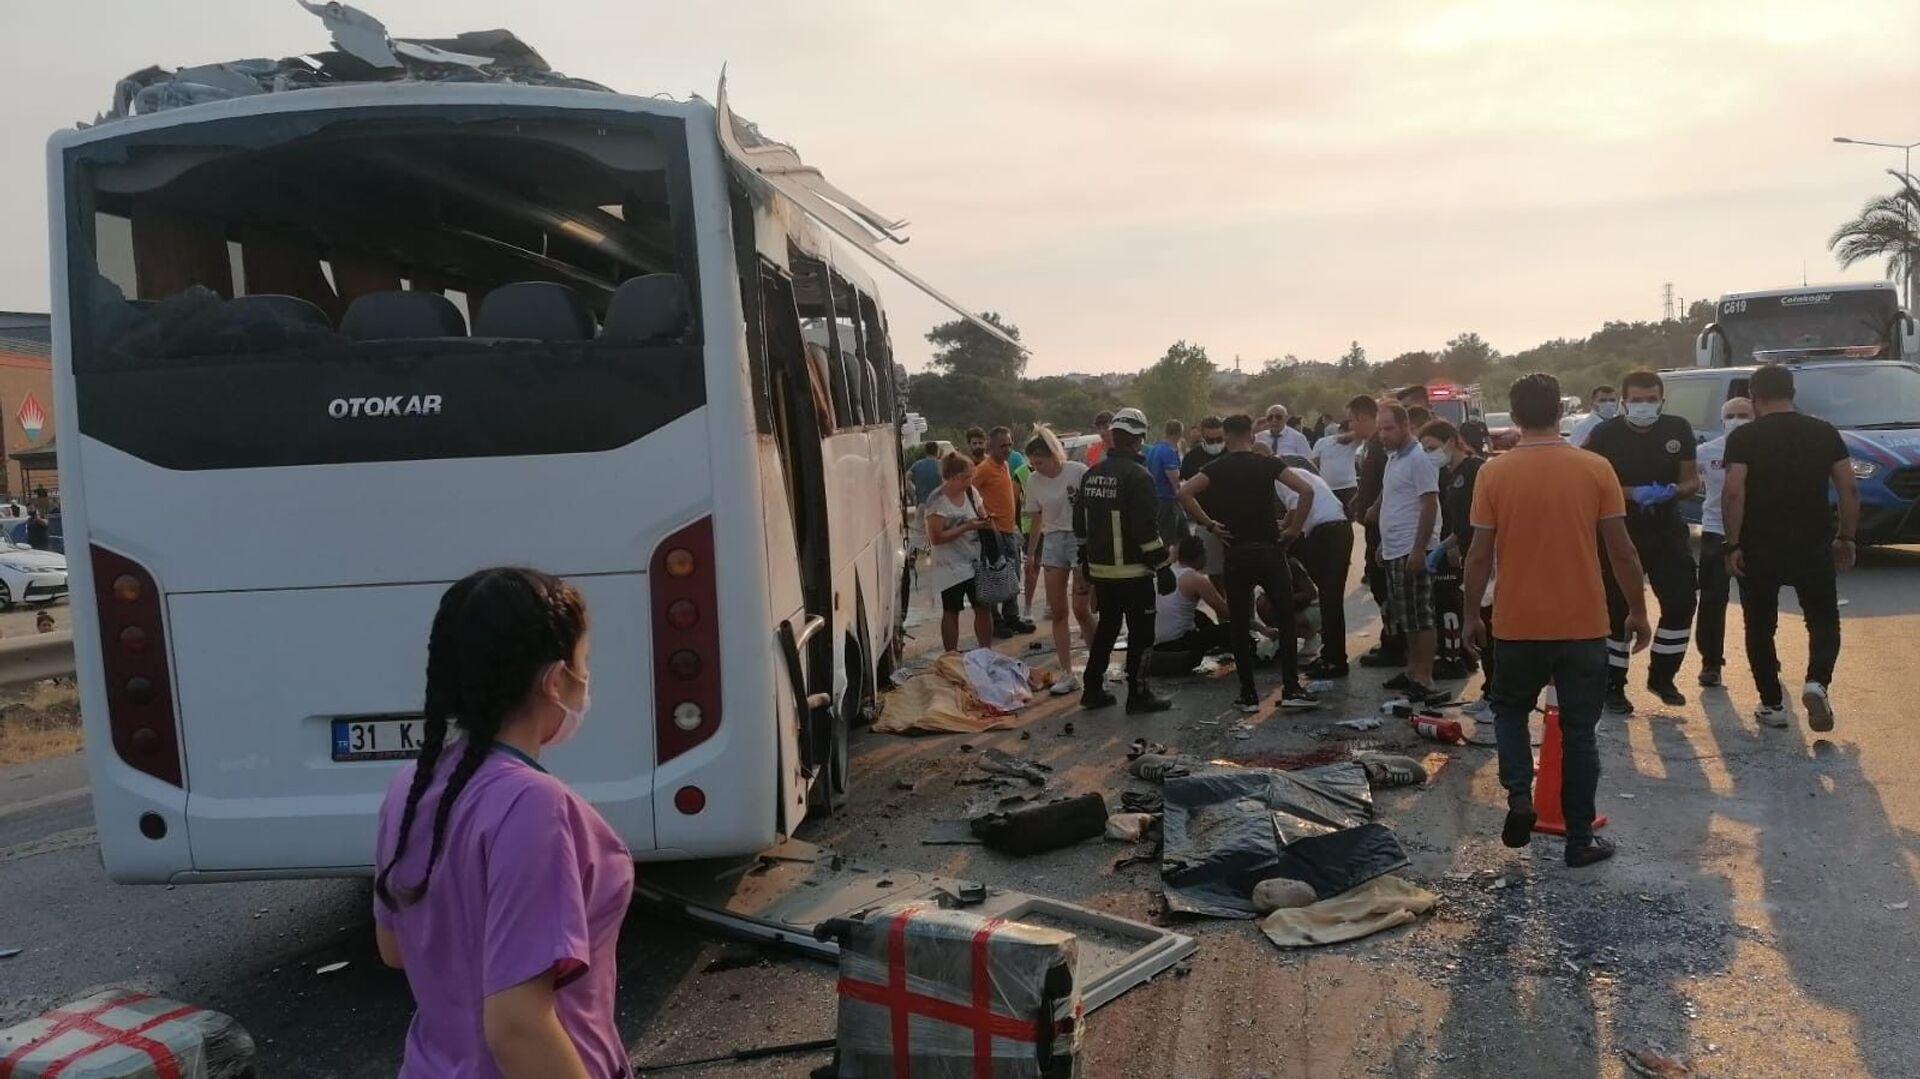 Manavgat'ta havaalanına yolcu taşıyan tur otobüsü kaza yaptı: 3 ölü, 5 yaralı - Sputnik Türkiye, 1920, 04.08.2021